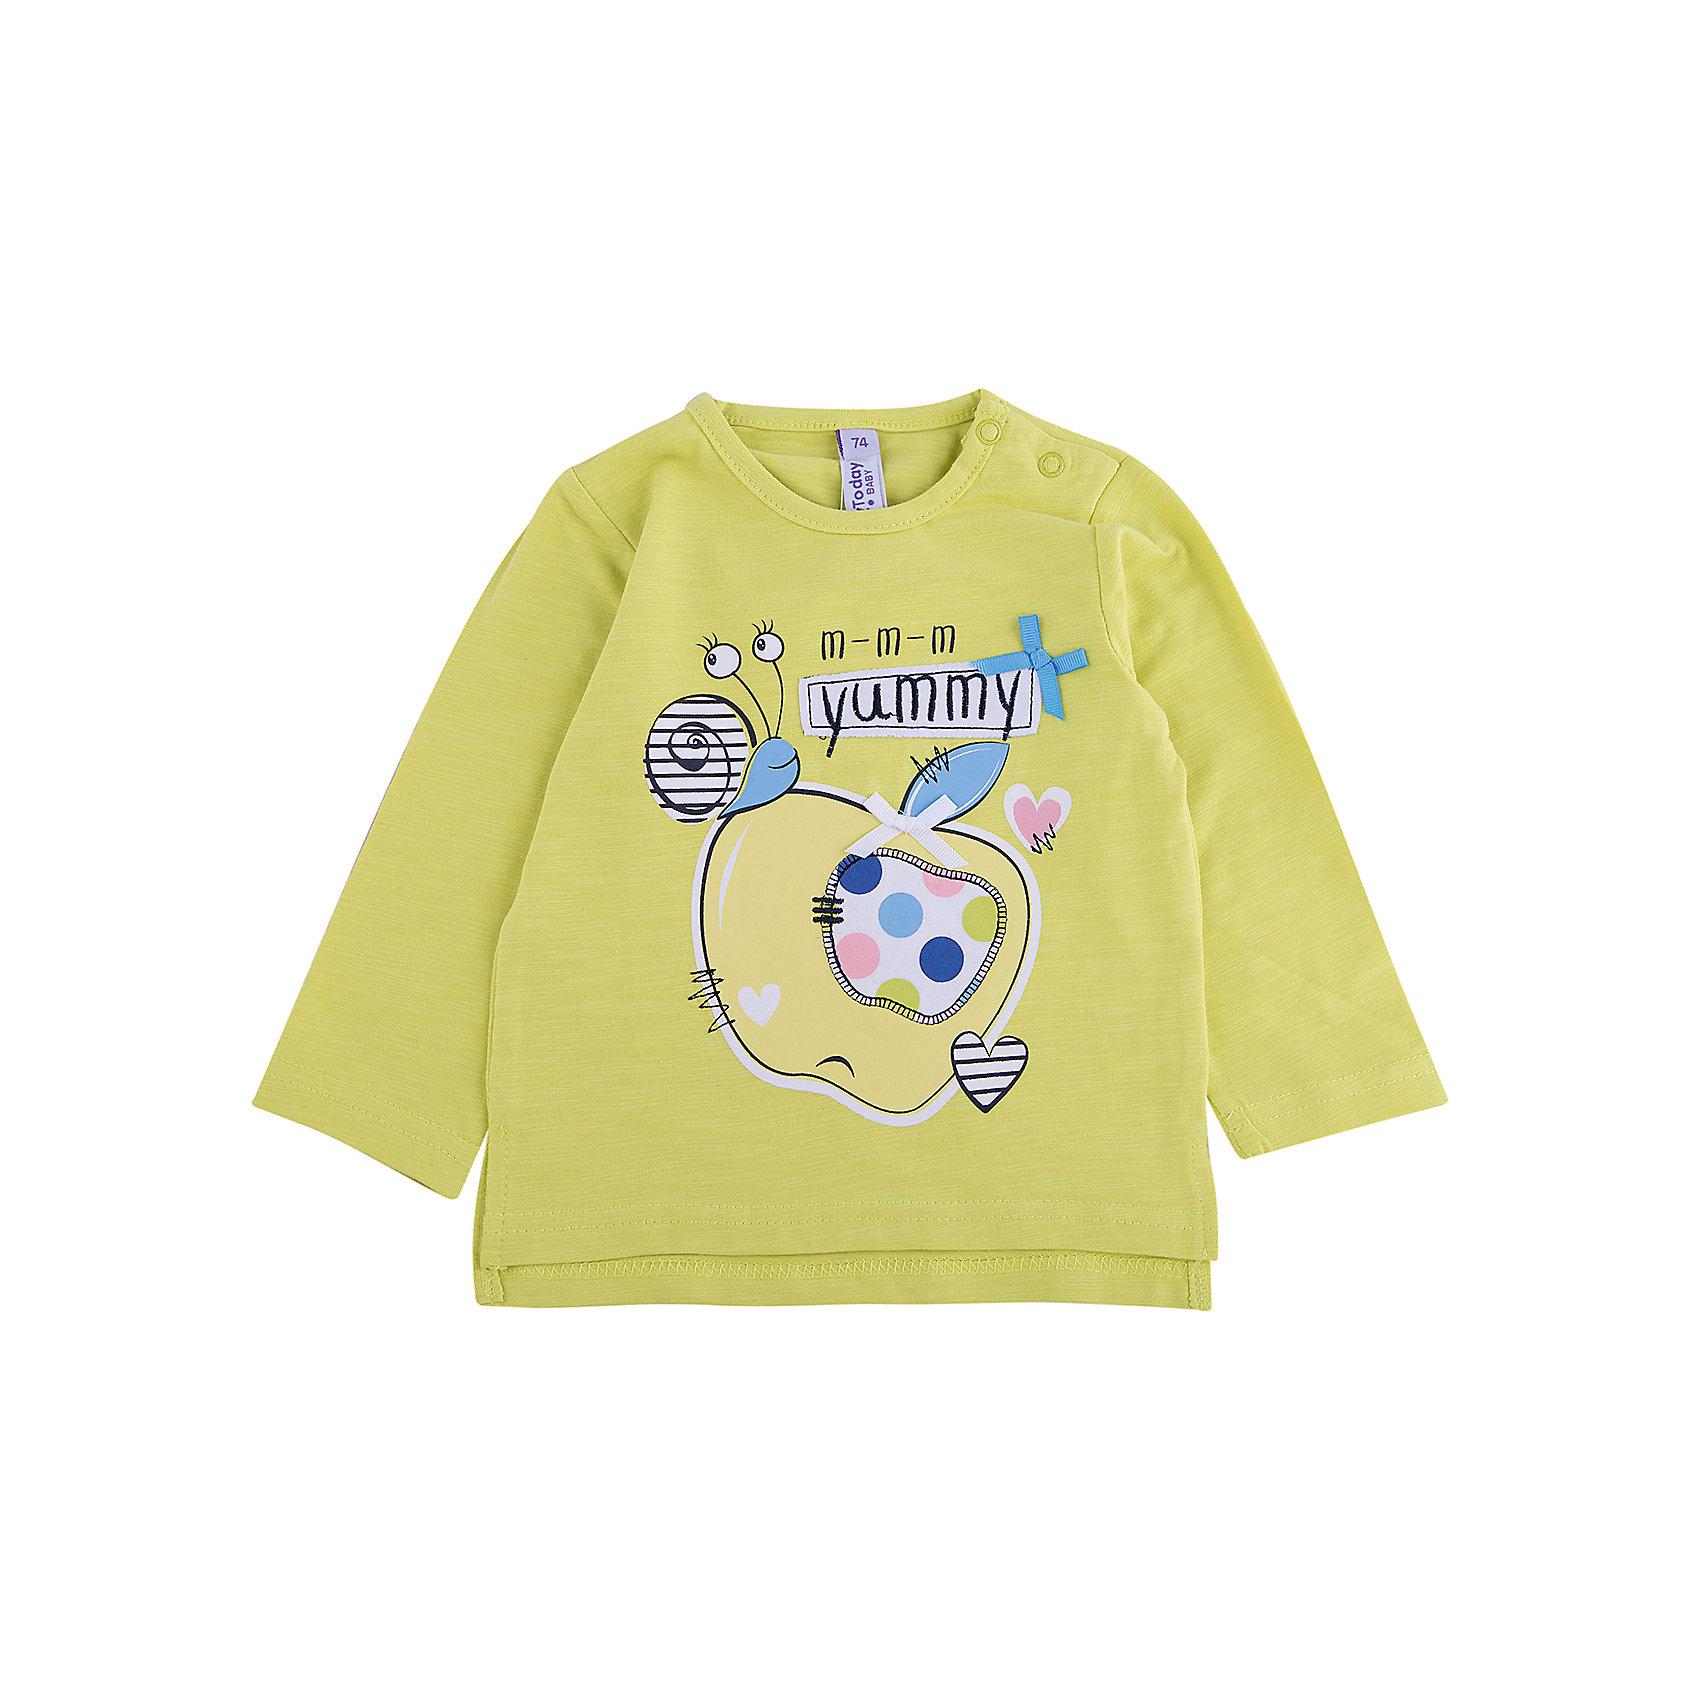 Футболка с длииным рукавом для девочки PlayTodayФутболка с длииным рукавом для девочки PlayToday<br>Футболка свободного классического кроя прекрасно подойдет как для домашнего использования, так и для прогулок на свежем воздухе. Можно использовать в качестве базовой вещи повседневного гардероба Вашего ребенка. Для удобства снимания и одевания у горловины расположены 2 застежки - кнопки.Преимущества: Натуральный материал приятен к телуСвободный крой не сковывает движений ребенка<br>Состав:<br>95% хлопок, 5% эластан<br><br>Ширина мм: 230<br>Глубина мм: 40<br>Высота мм: 220<br>Вес г: 250<br>Цвет: разноцветный<br>Возраст от месяцев: 18<br>Возраст до месяцев: 24<br>Пол: Женский<br>Возраст: Детский<br>Размер: 92,80,74,86<br>SKU: 5408293